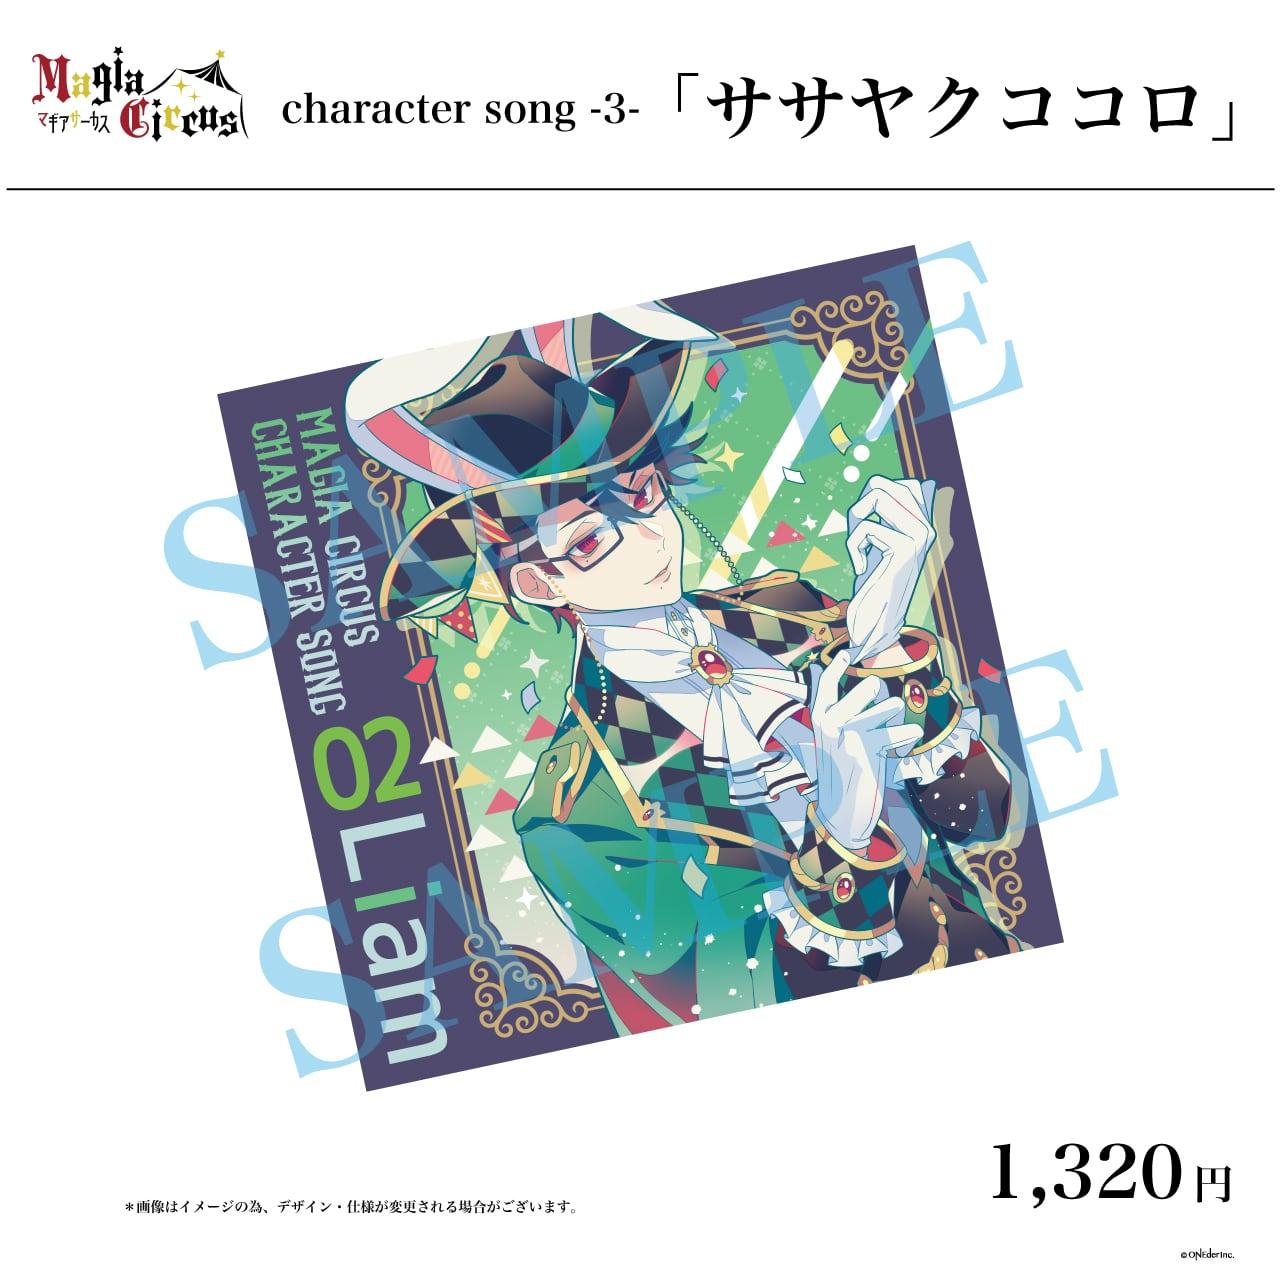 【早期予約特典付】Magia Circus character song -3- 「ササヤクココロ」